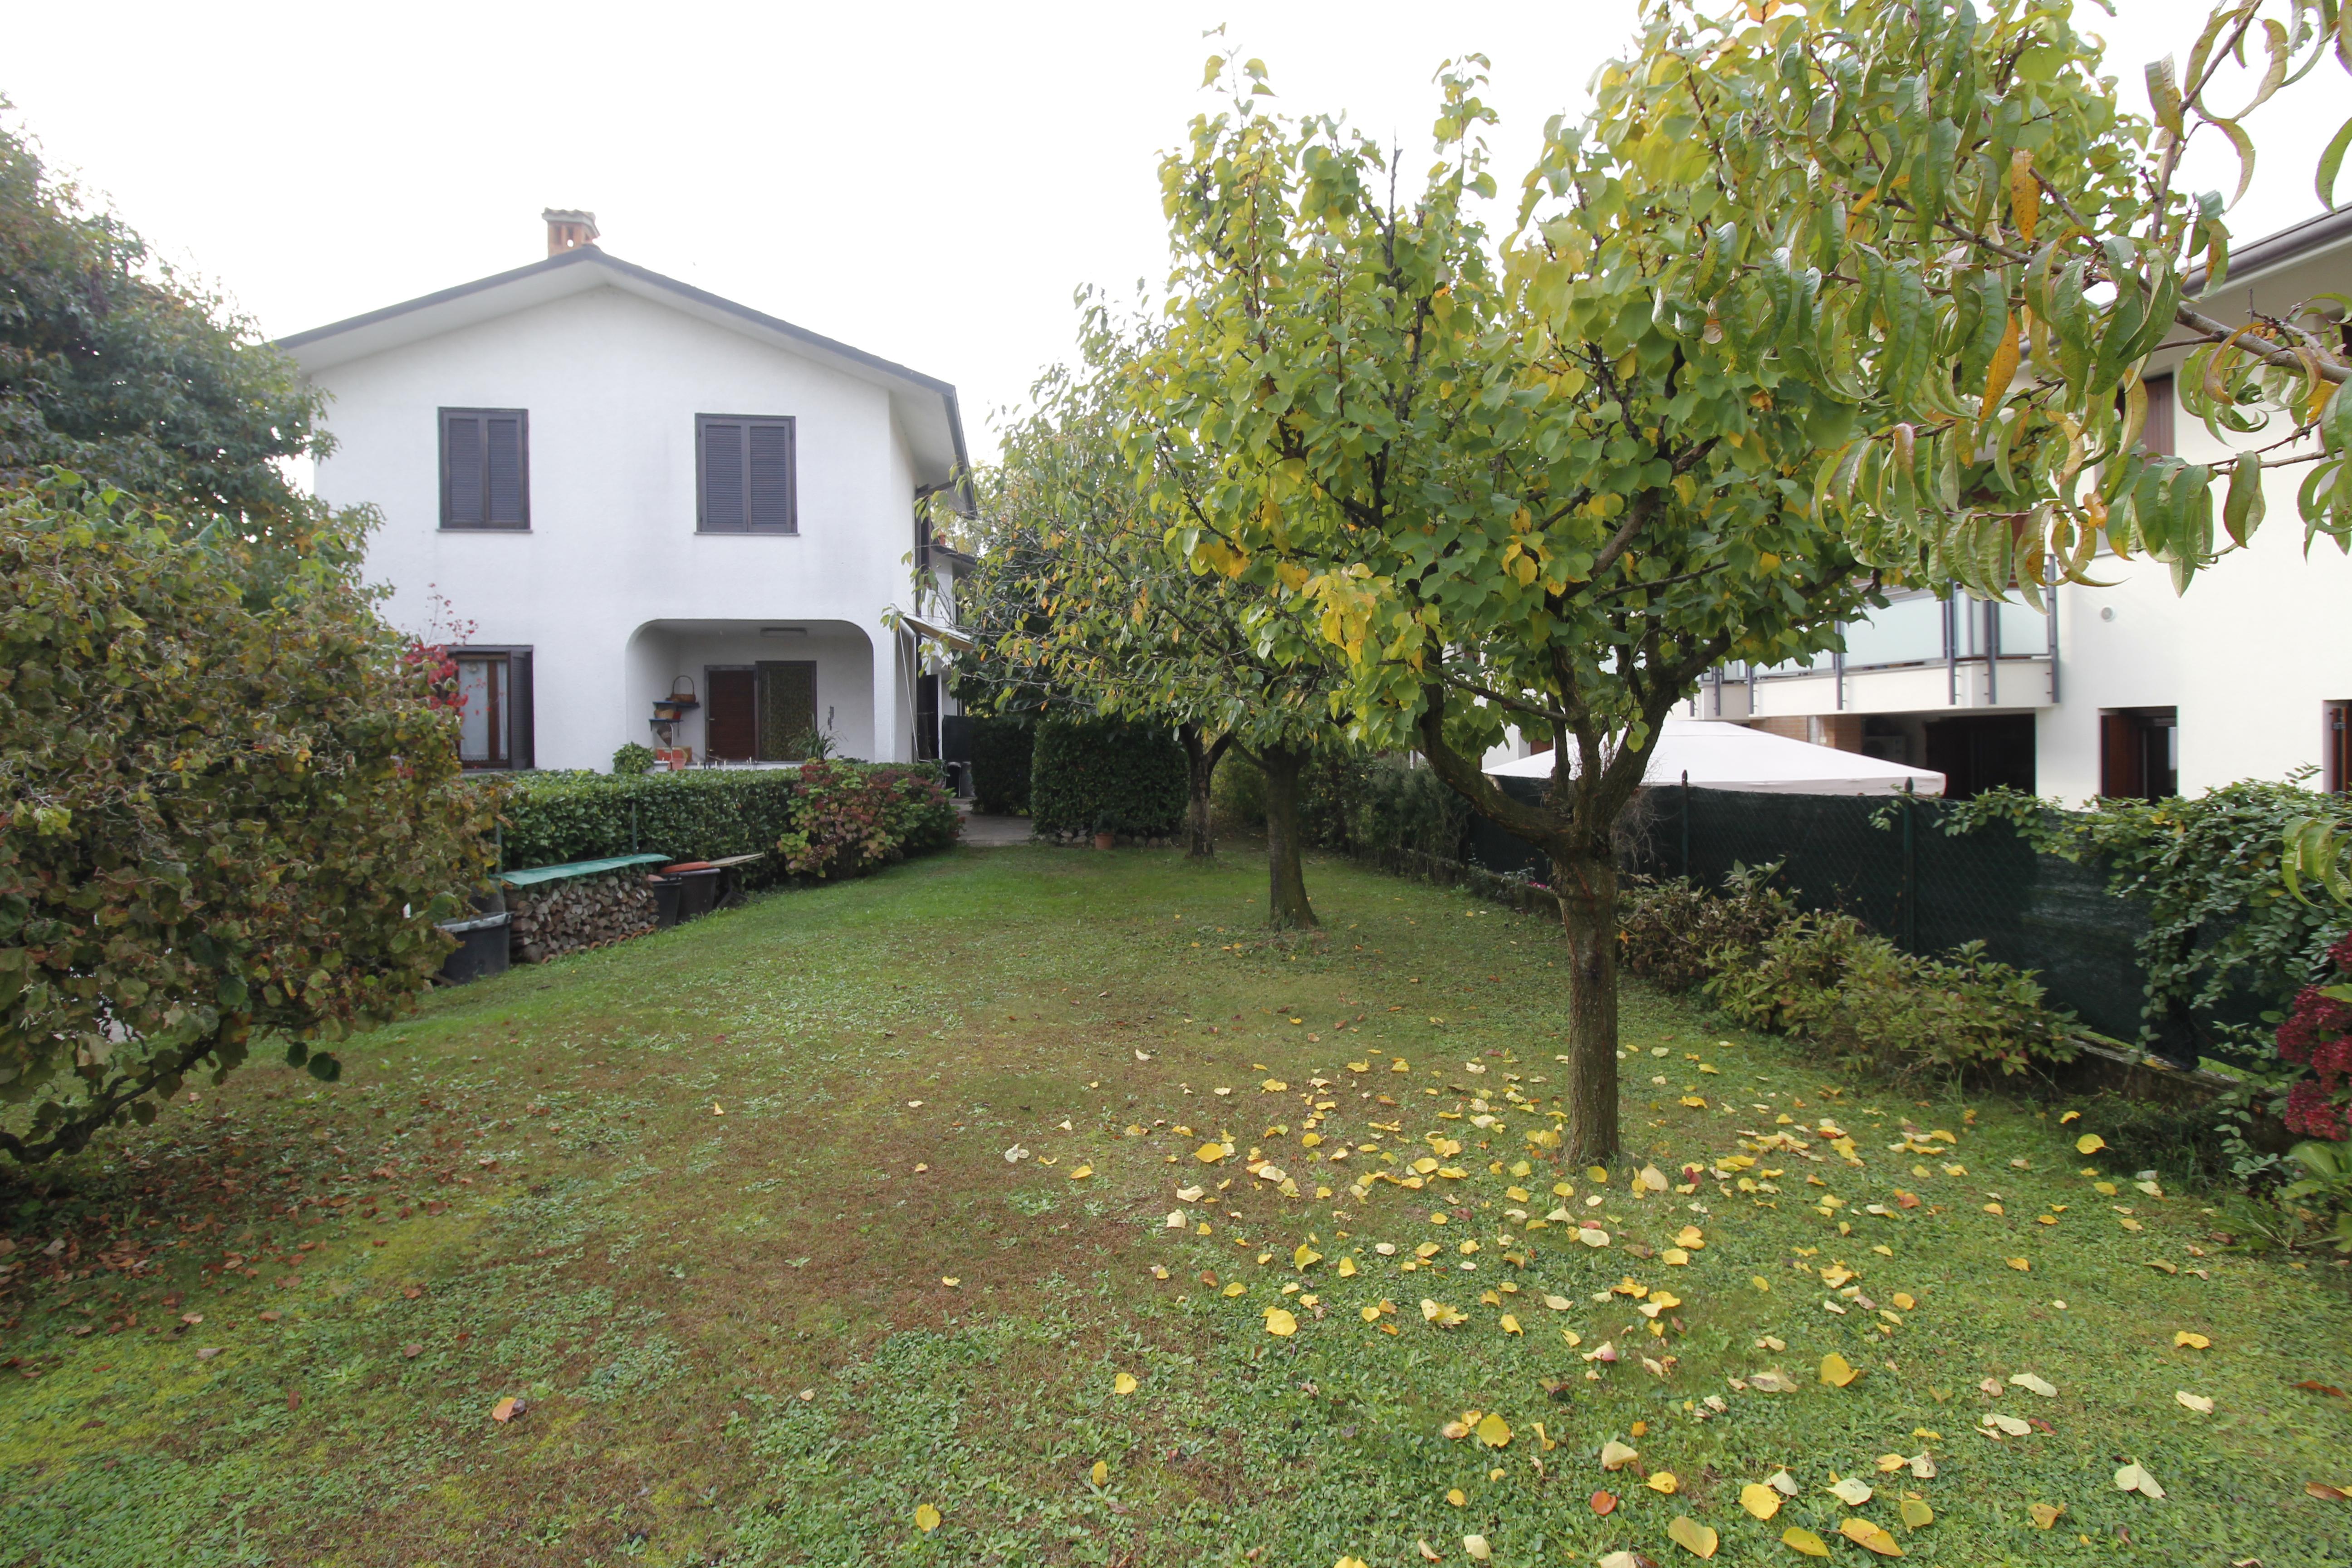 Burago M.ra-Villa bifamigliare con ampio giardino